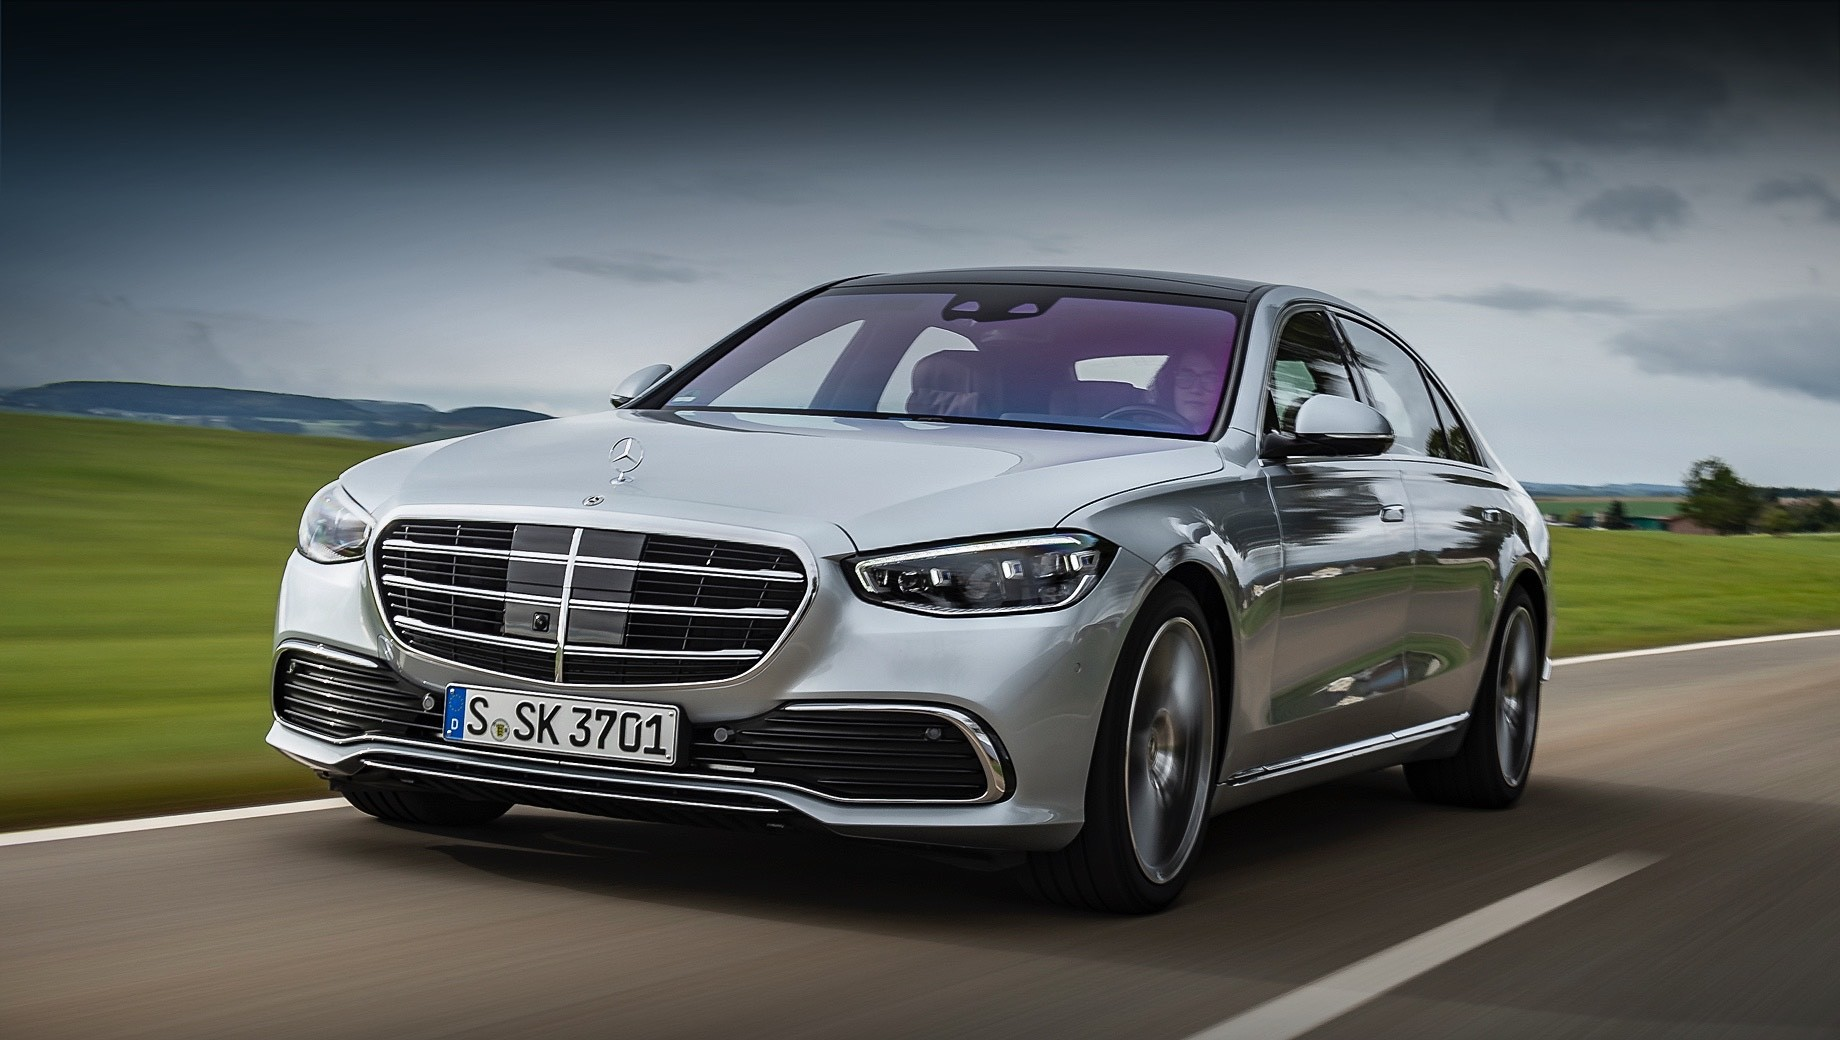 Mercedes s. Mercedes S 350 d 4Matic в немецкой спецификации разгоняется до сотни за 6,2 с, а S 450 4Matic в российской — за 5,8. Максимальная скорость в обоих случаях ограничена электроникой на 250 км/ч. Летом у нас начнутся продажи версии S 580 4Matic. Шансы гибрида попасть в Россию — мизерные.